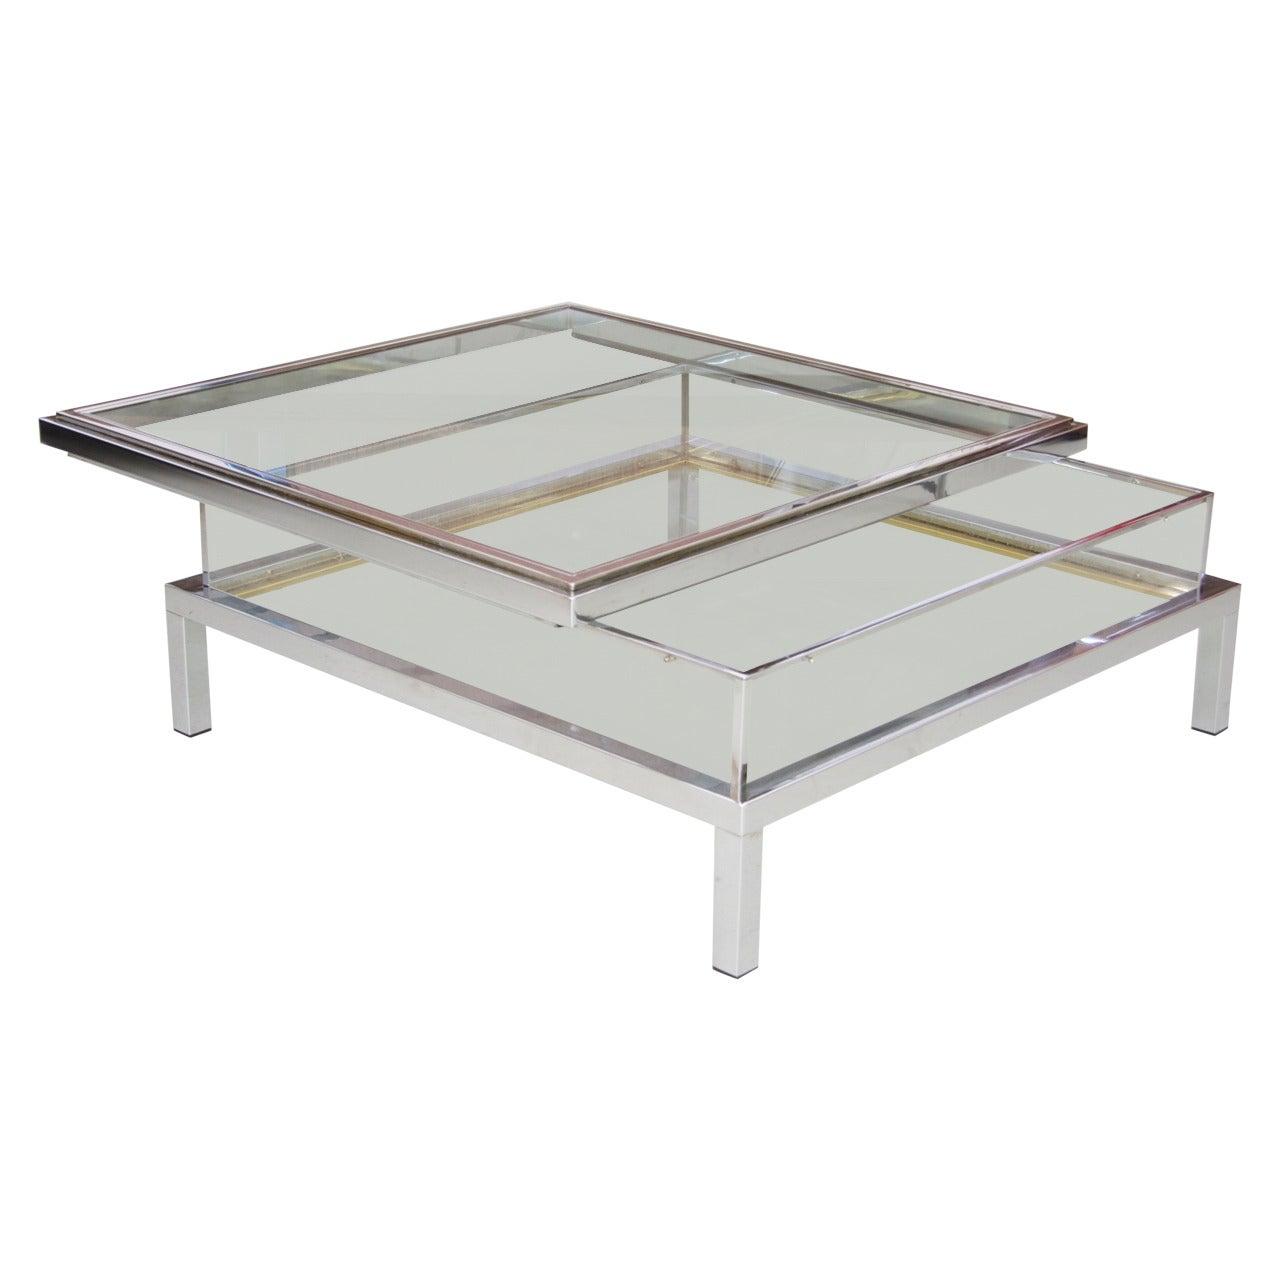 Maison Jansen Sliding Glass Top Table in Chrome